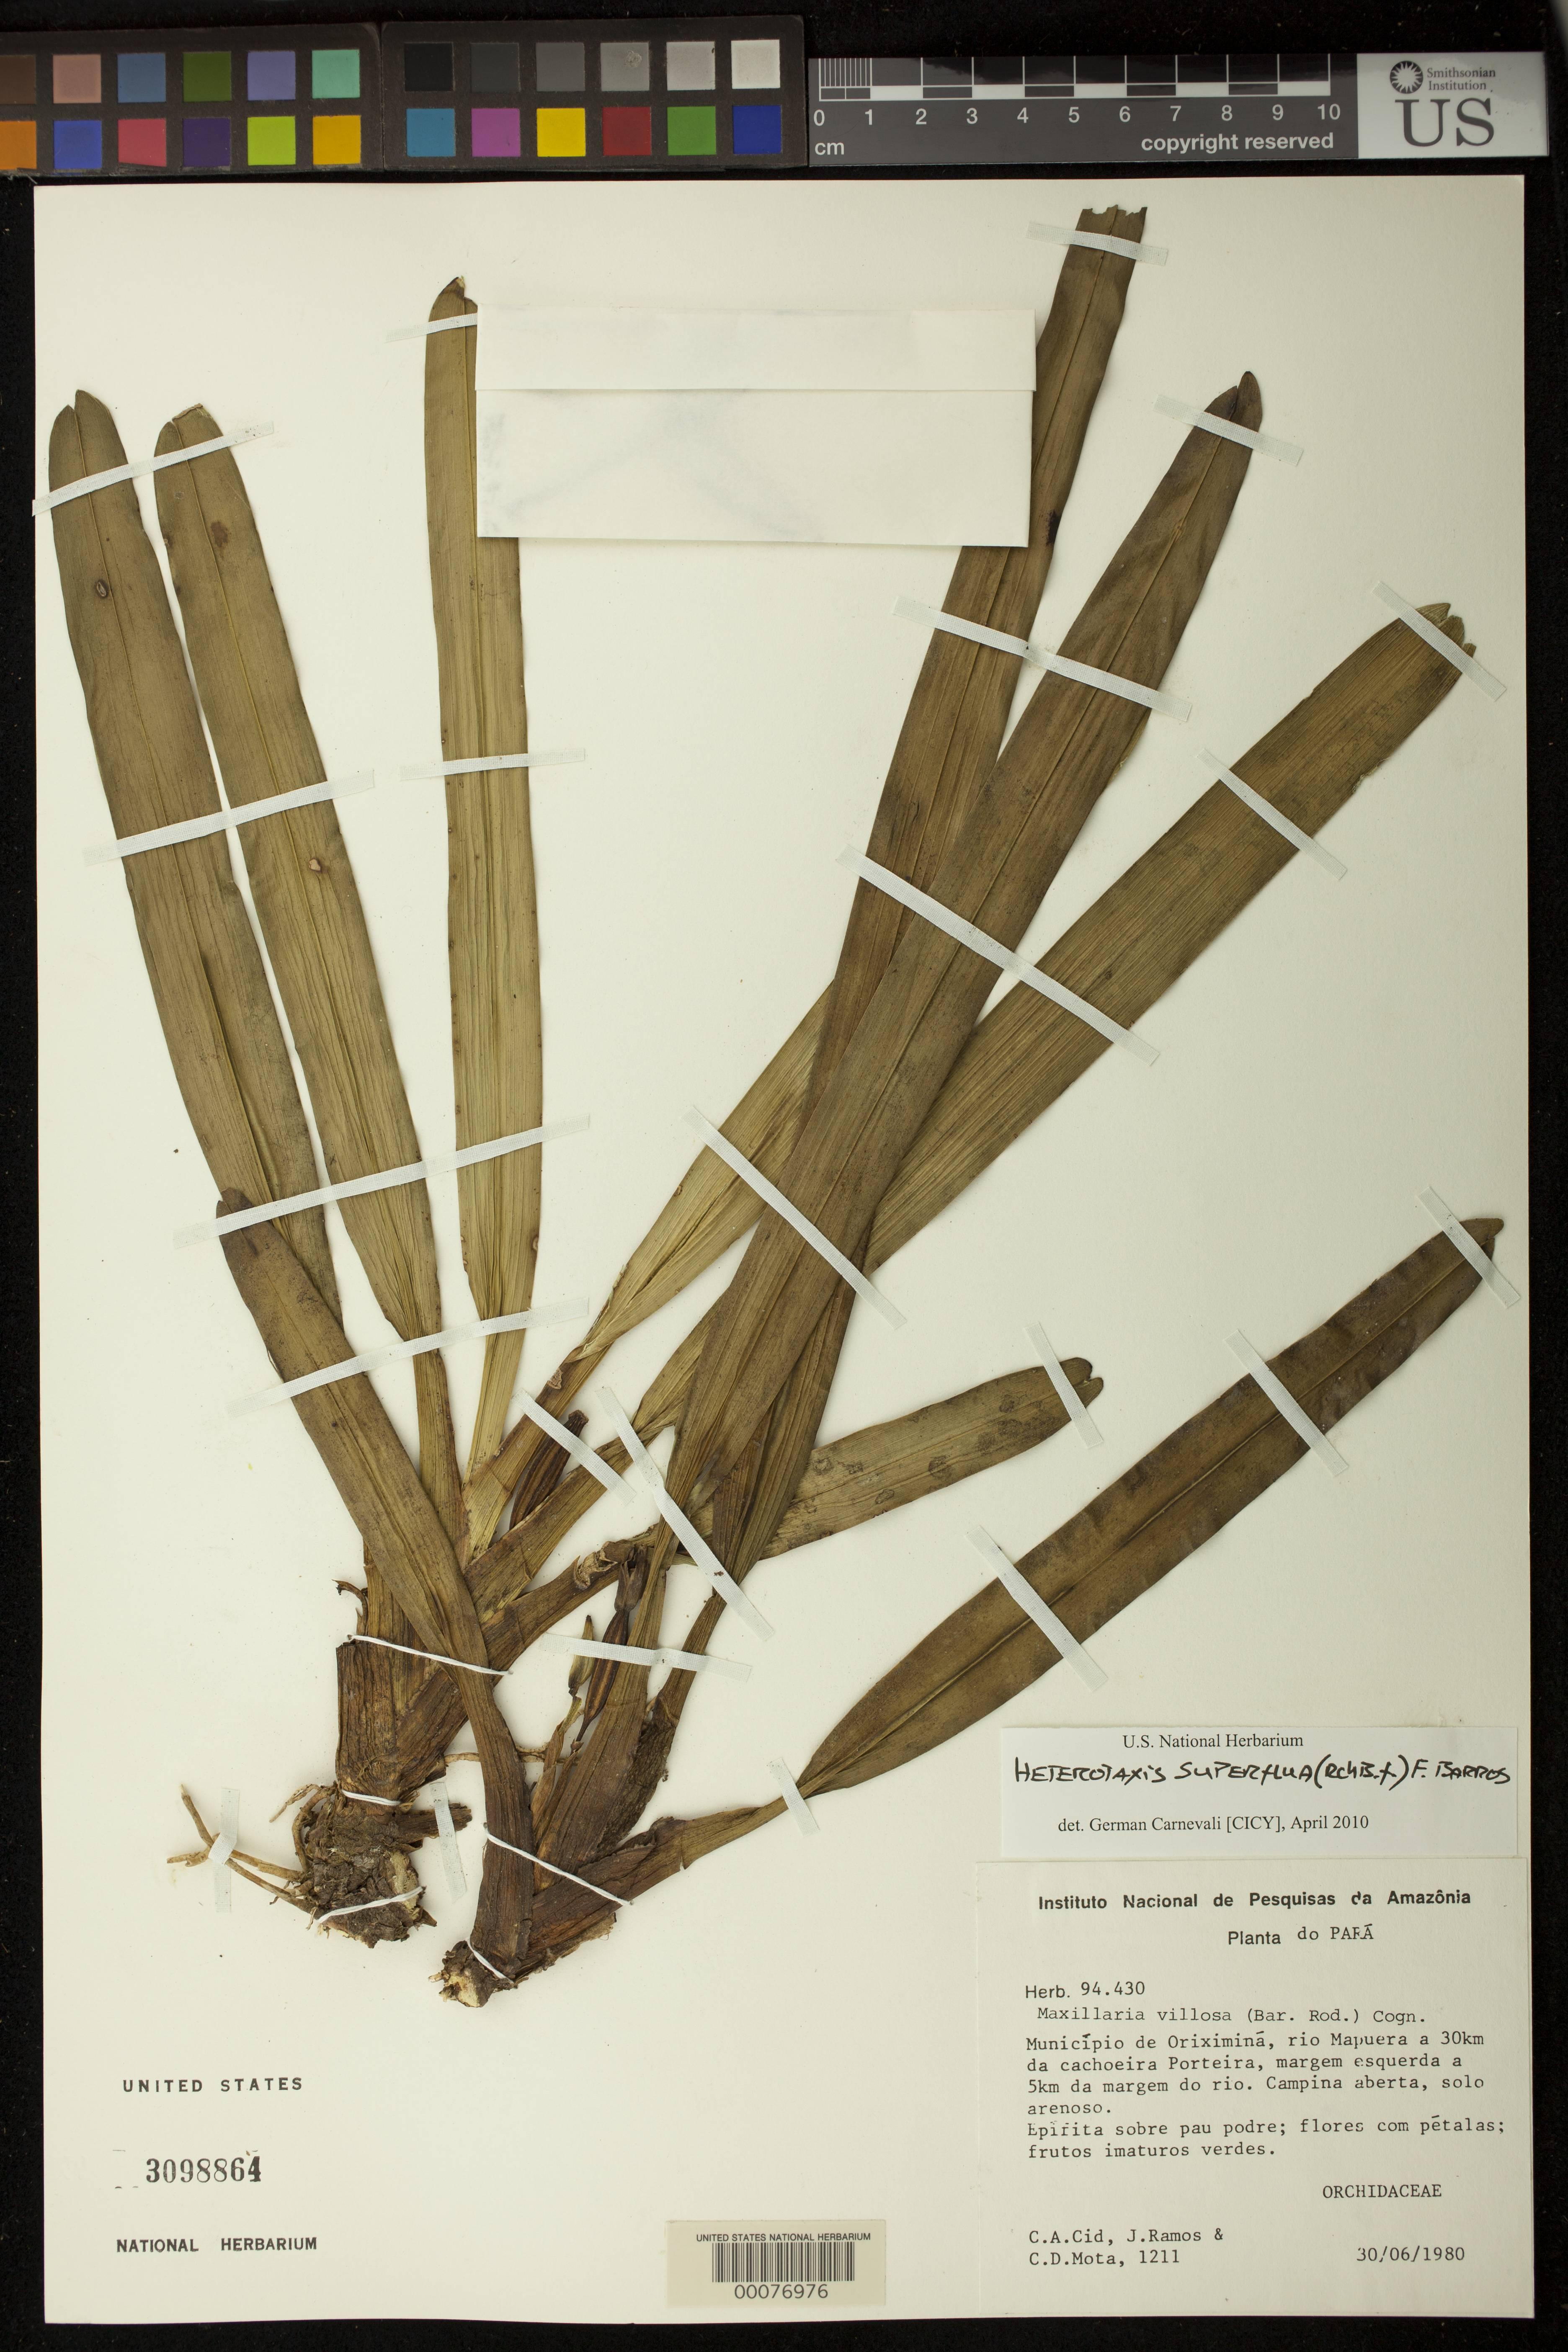 Image of <i>Heterotaxis superflua</i> (Rchb. f.) F. Barros